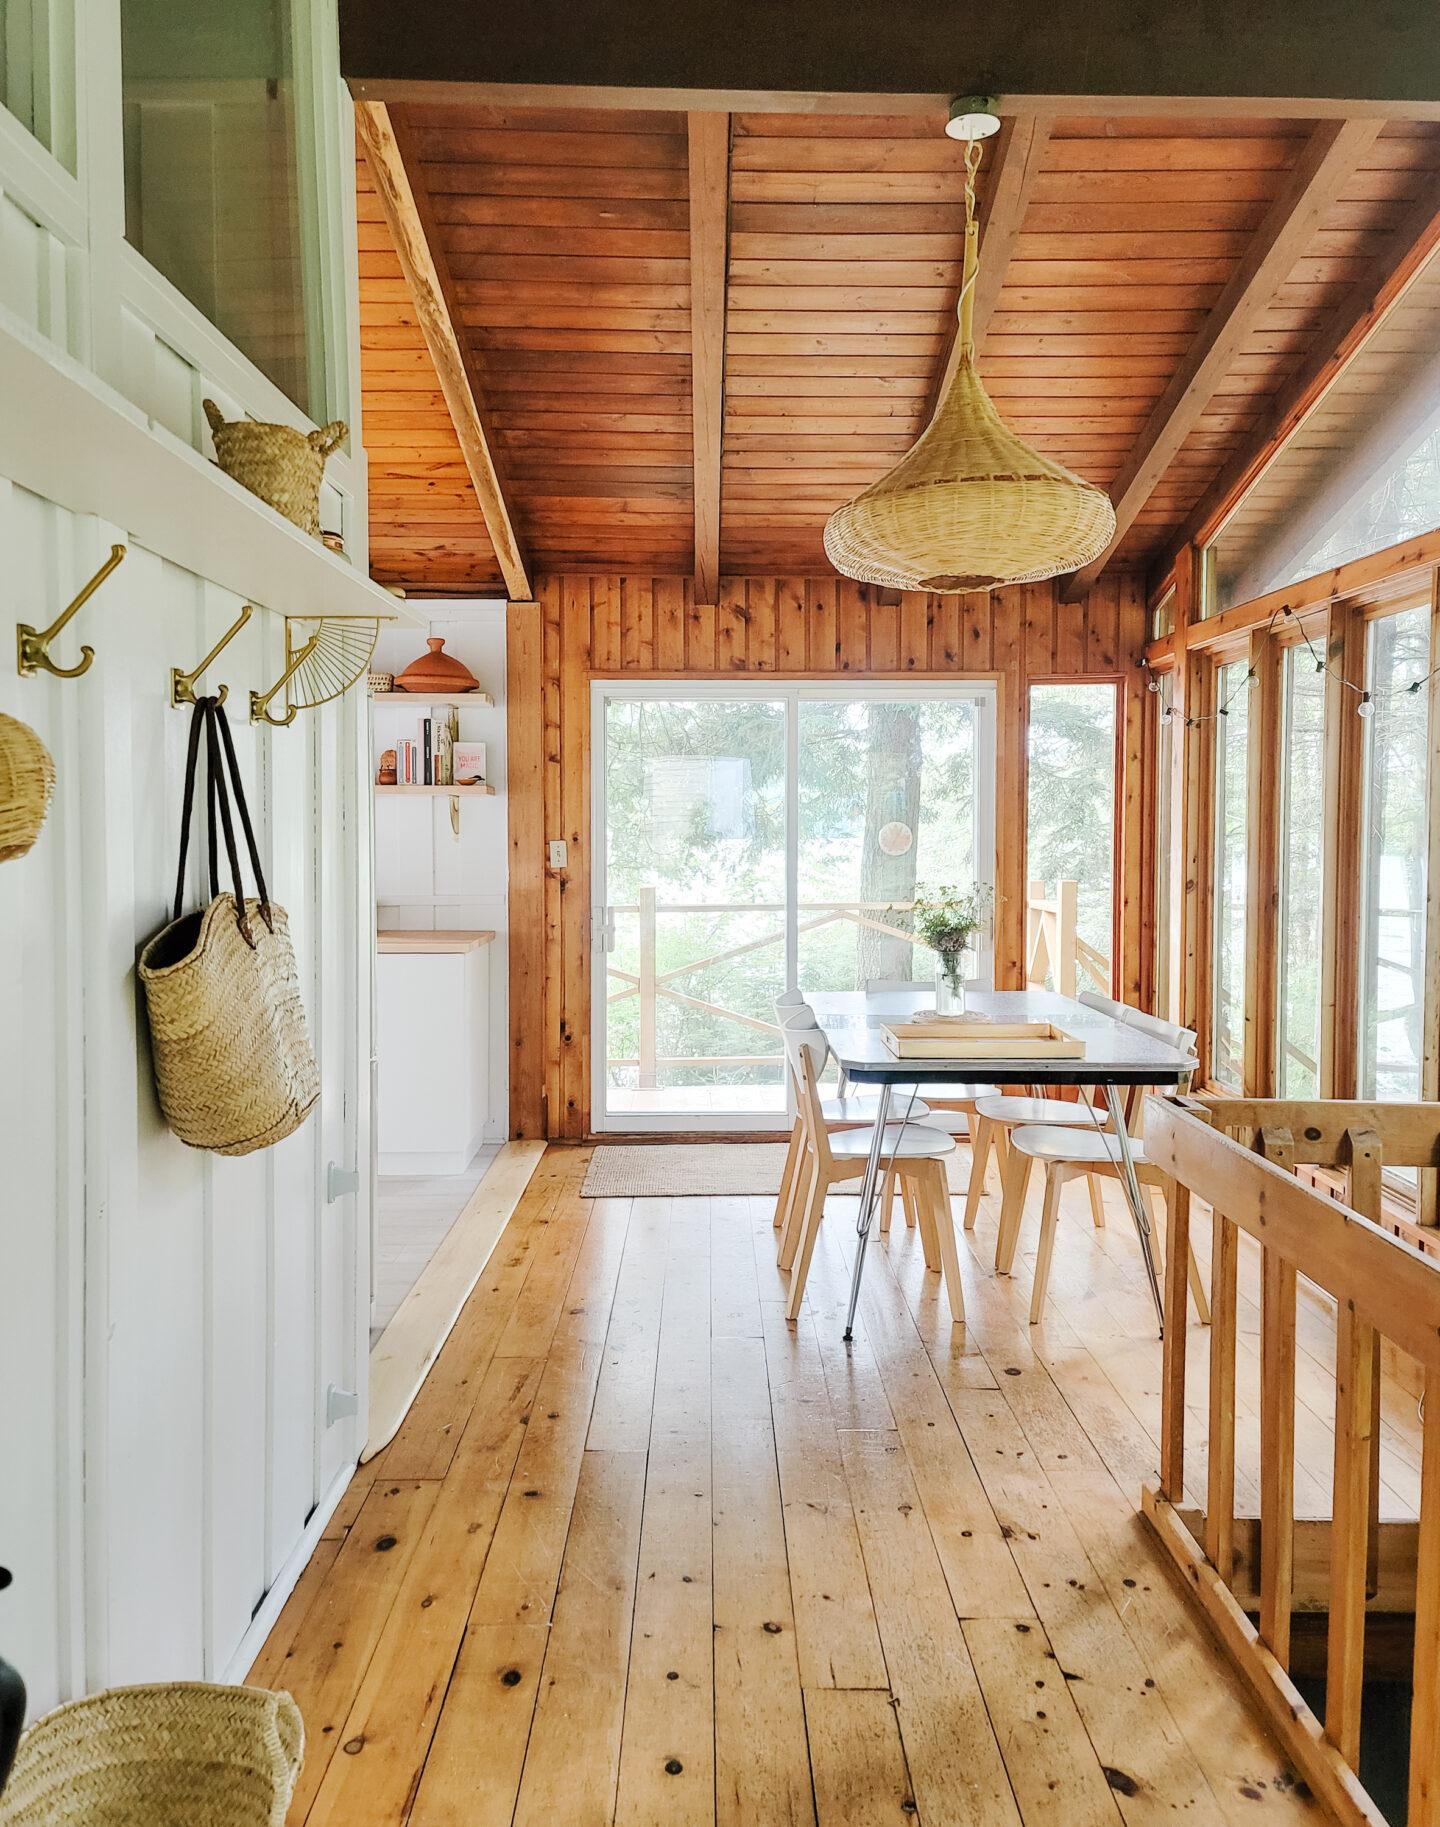 babasouk cottage decor